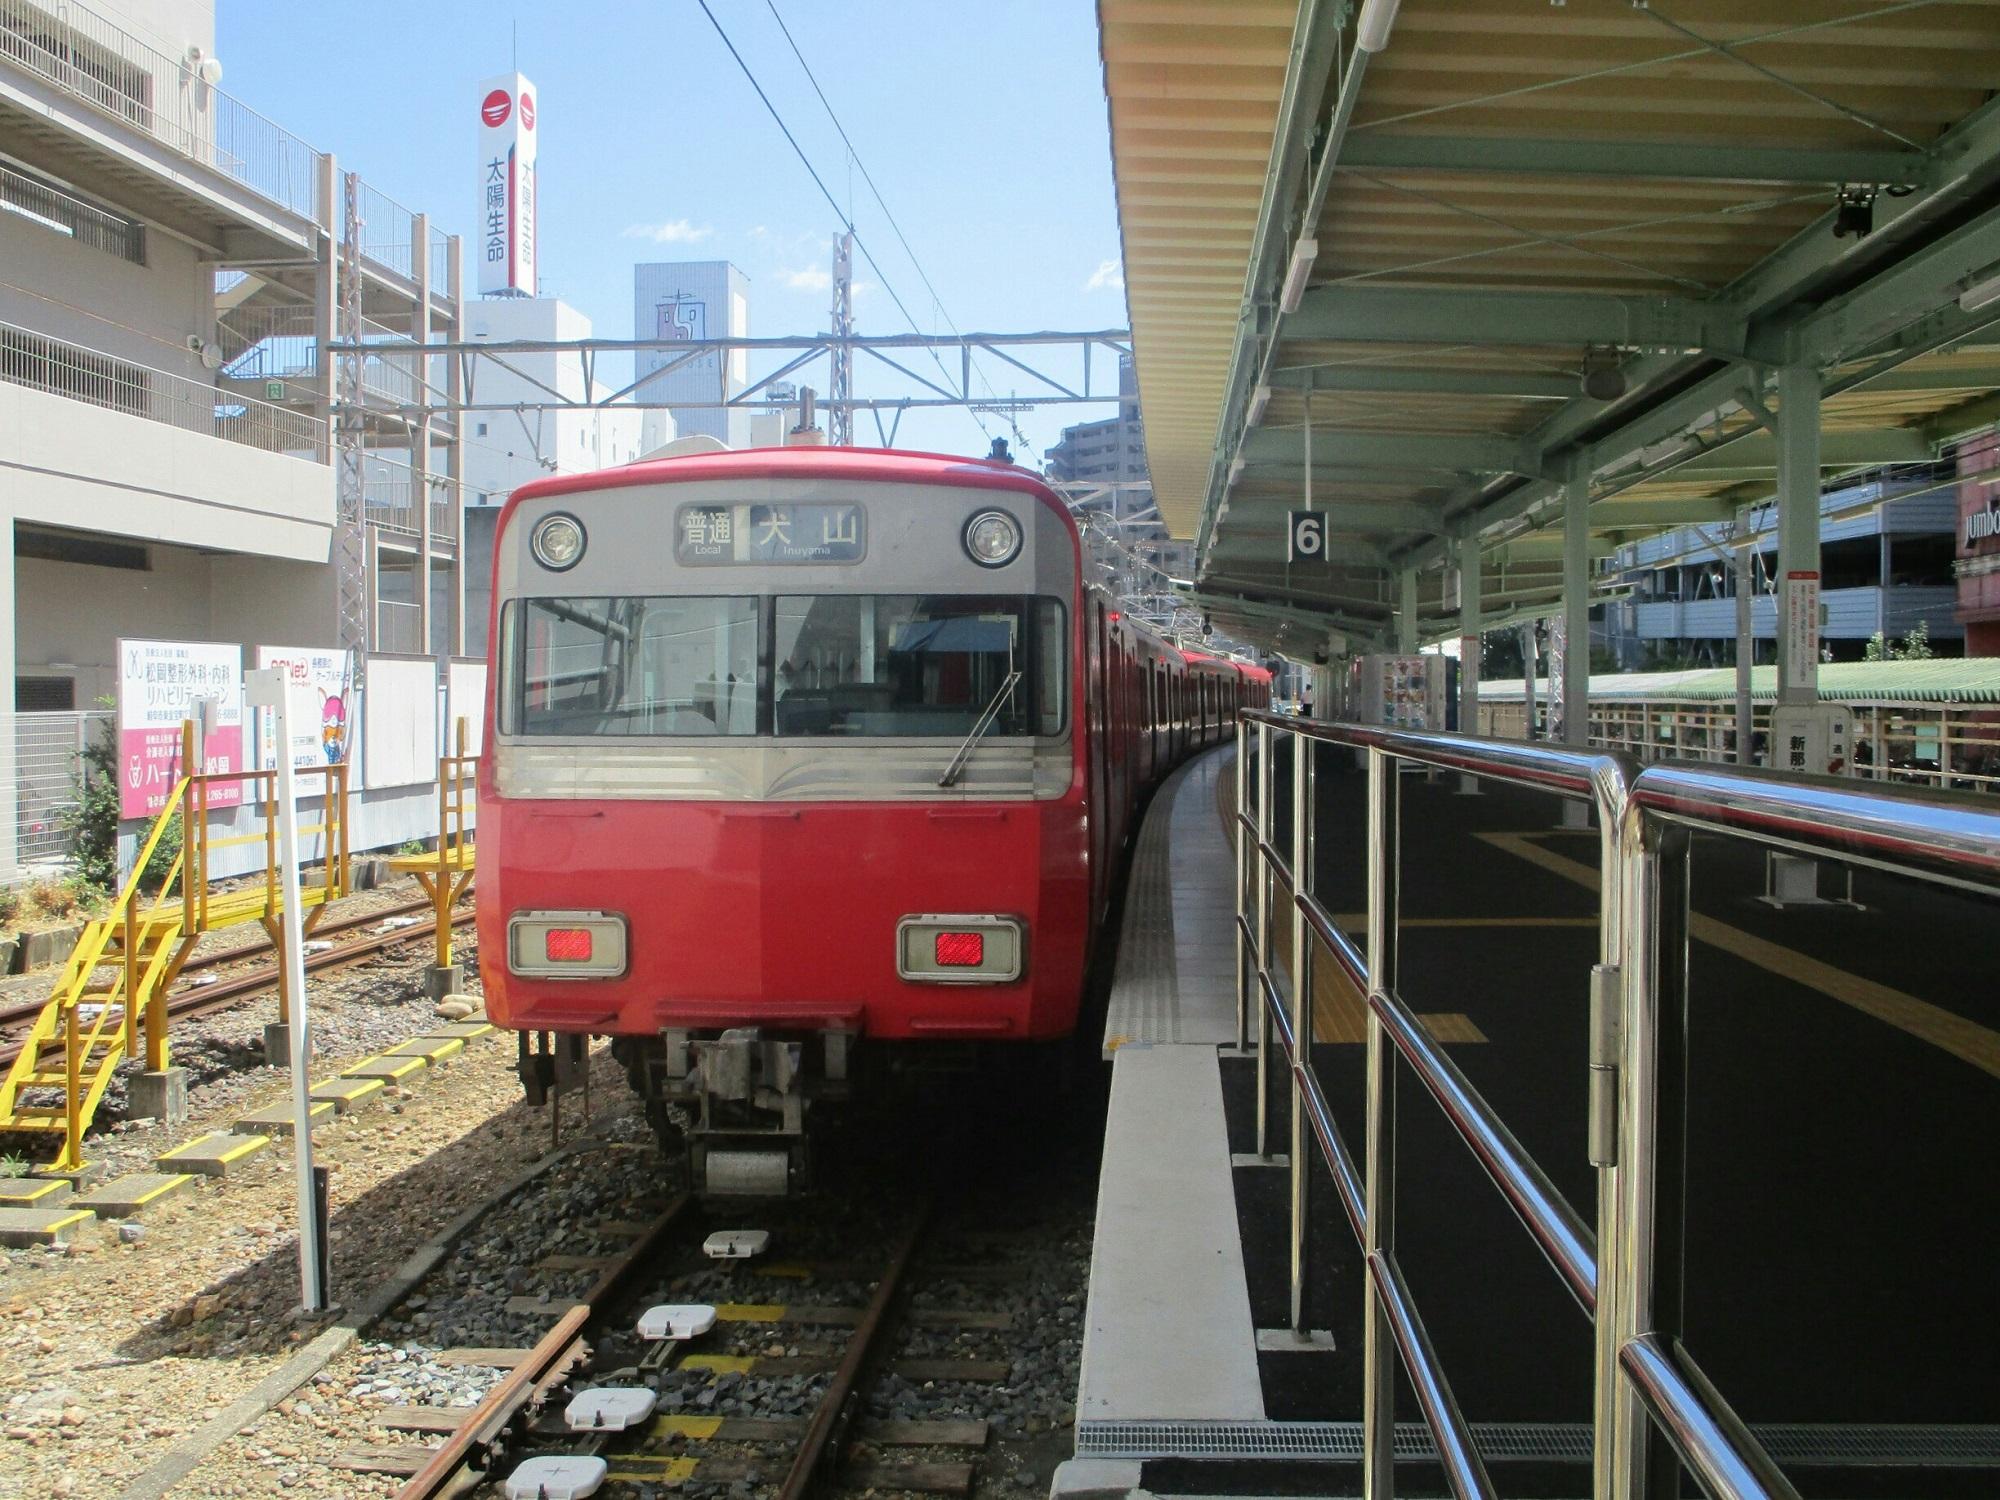 2018.8.17 (35) 岐阜 - 犬山いきふつう(うしろ) 2000-1500